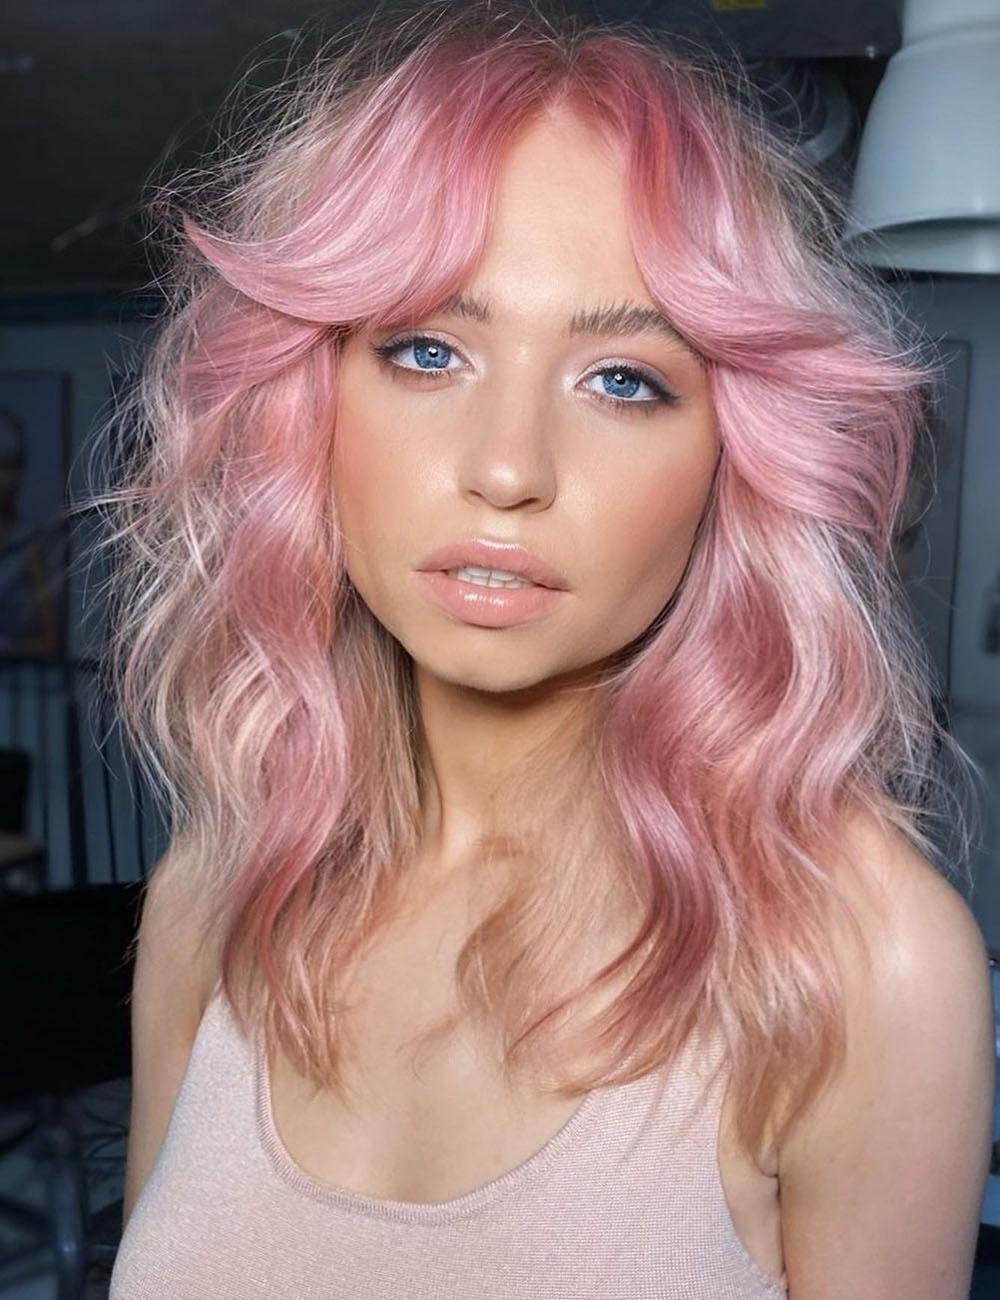 cabelo rosa desfiado, make natural